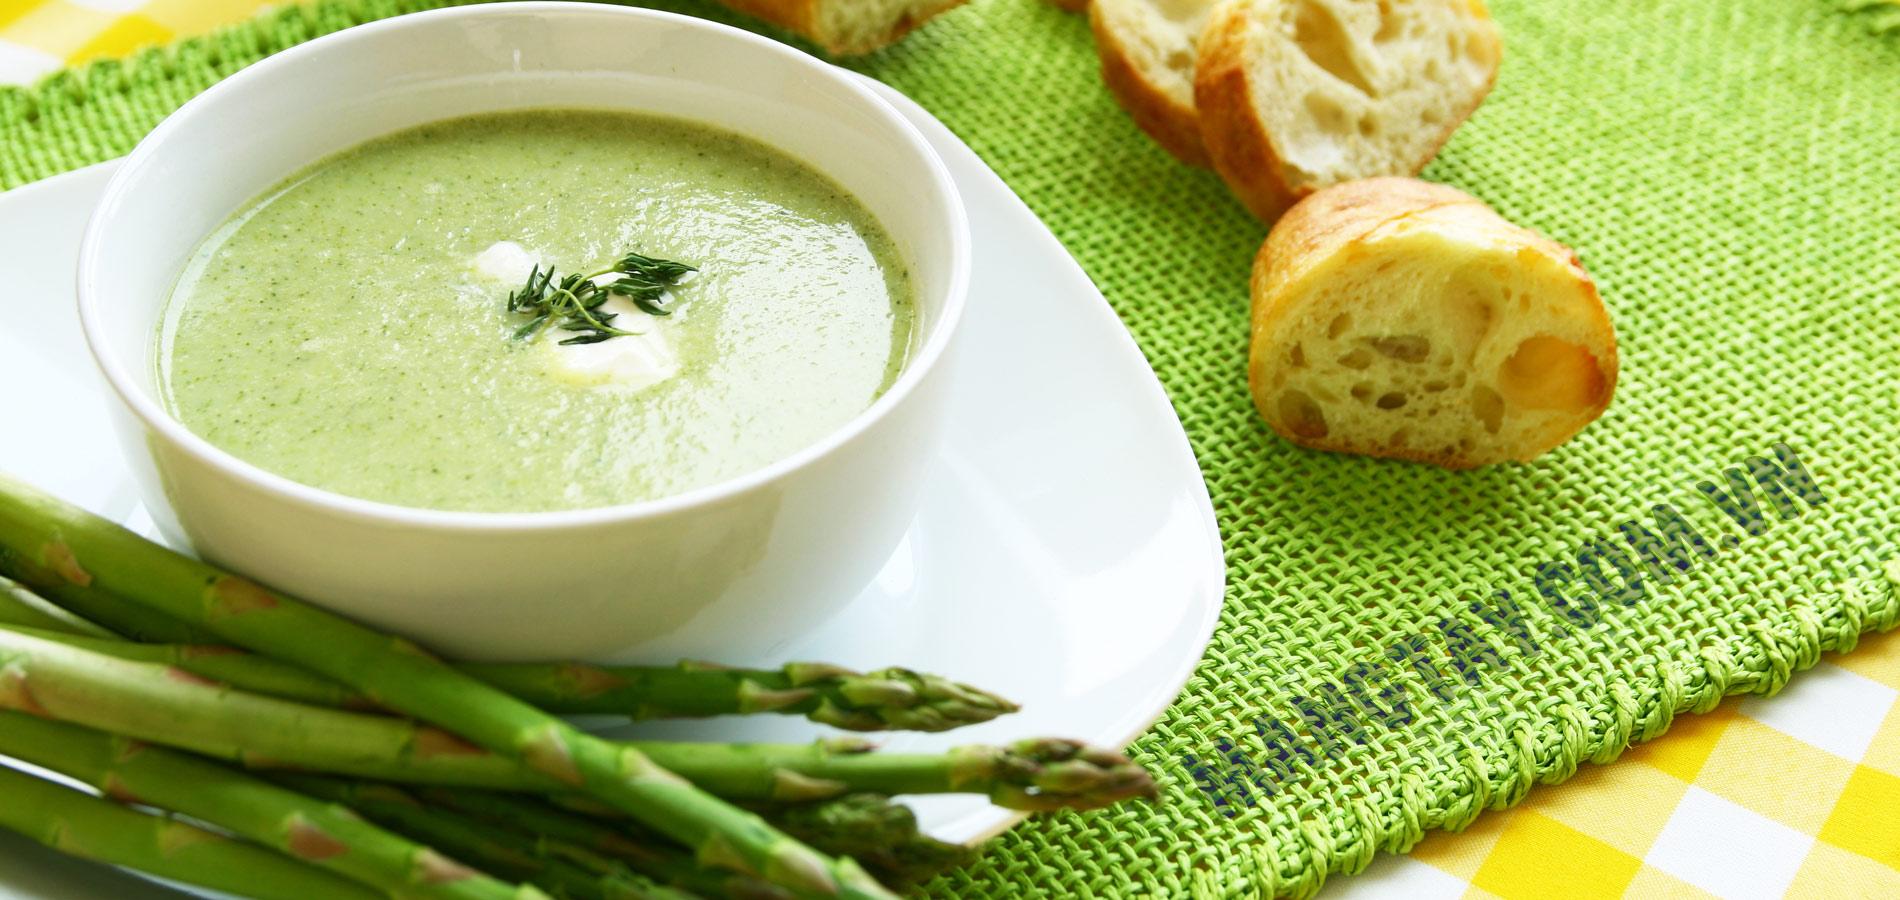 soup măng tây